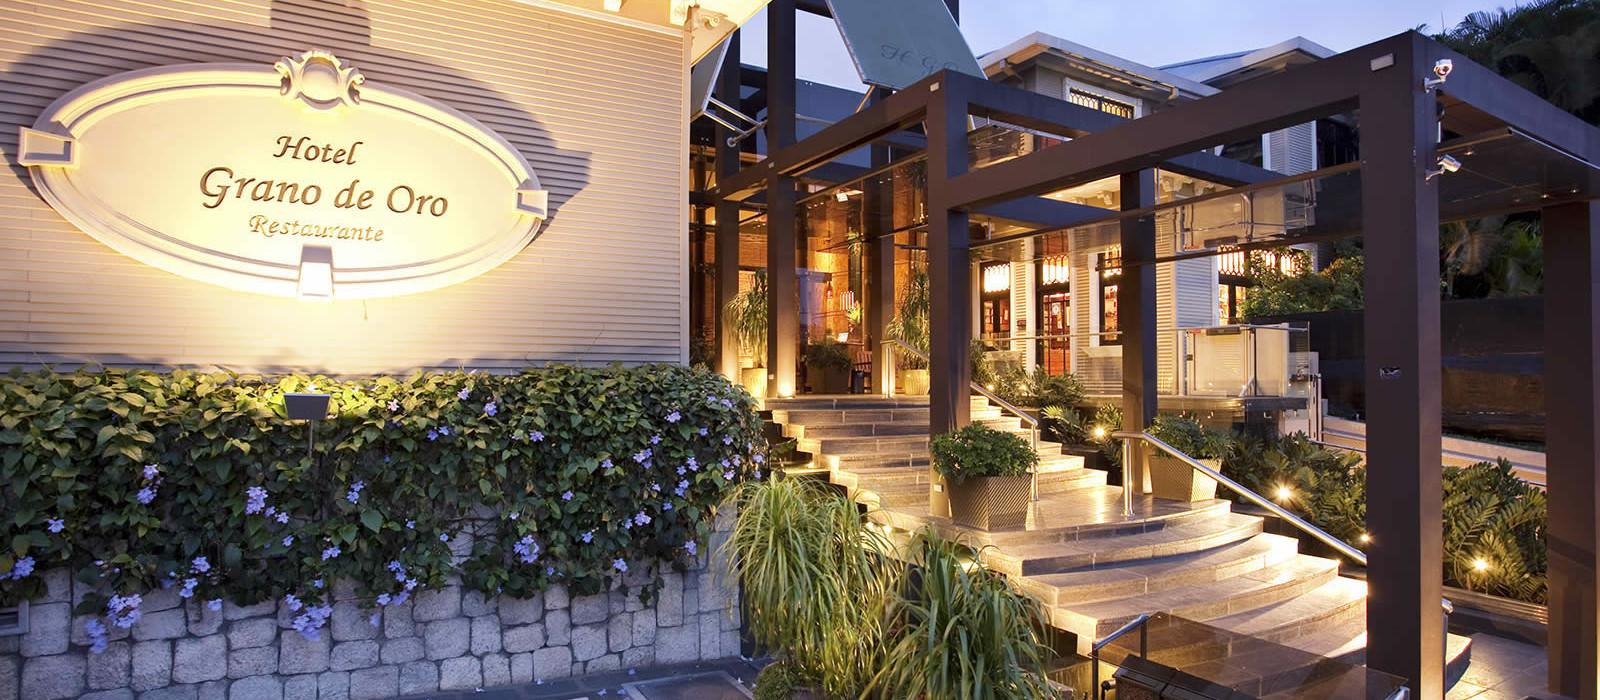 Hotel Grano de Oro Costa Rica